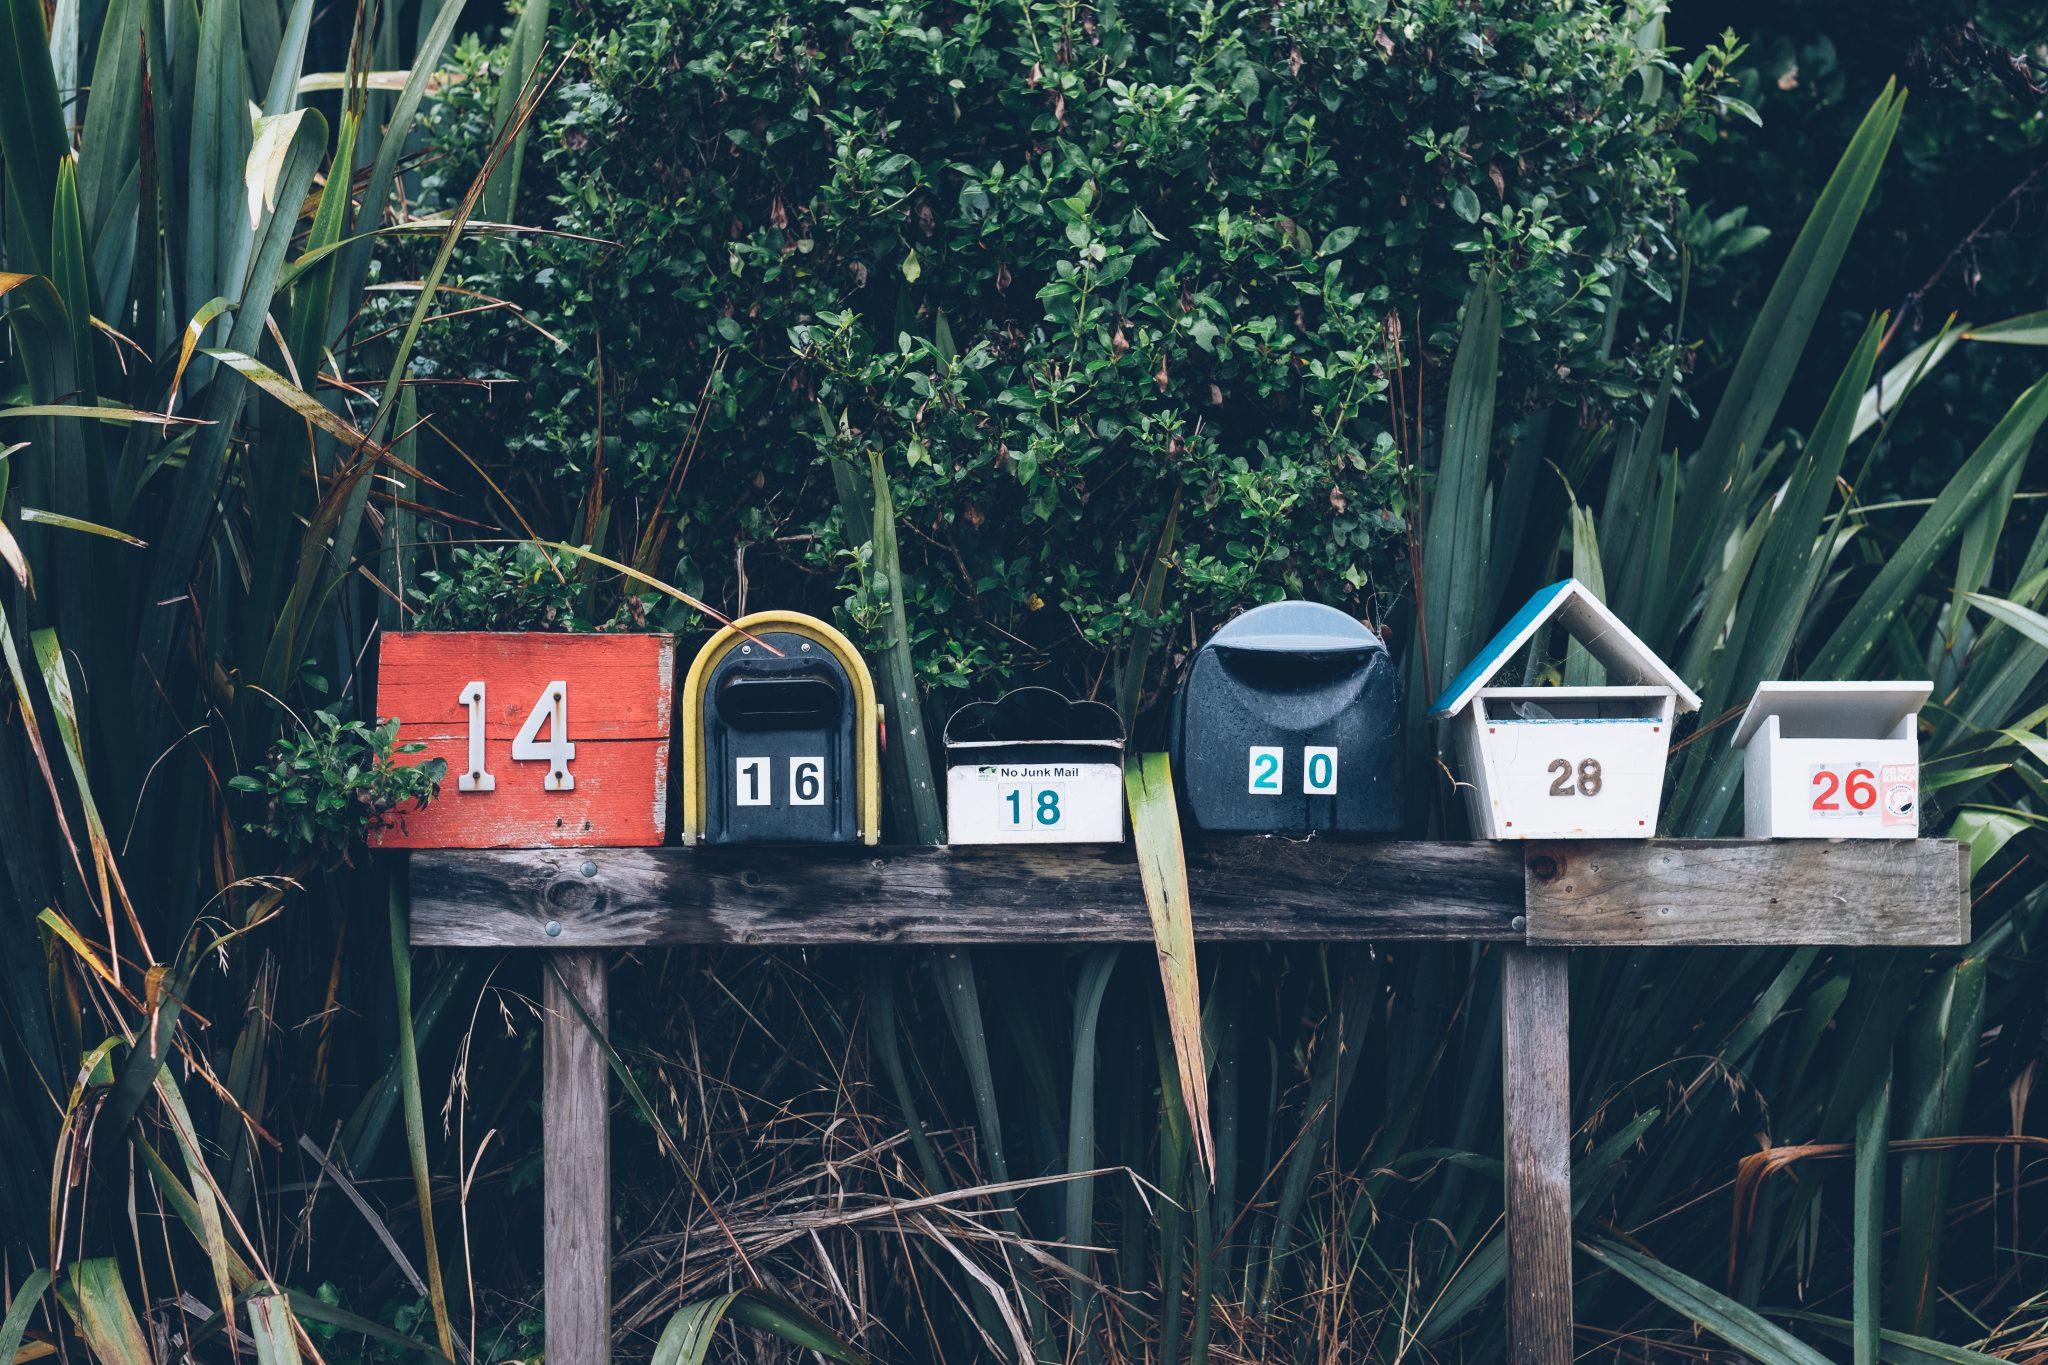 Dostarczalność maila, co robić, aby maile były czytane?